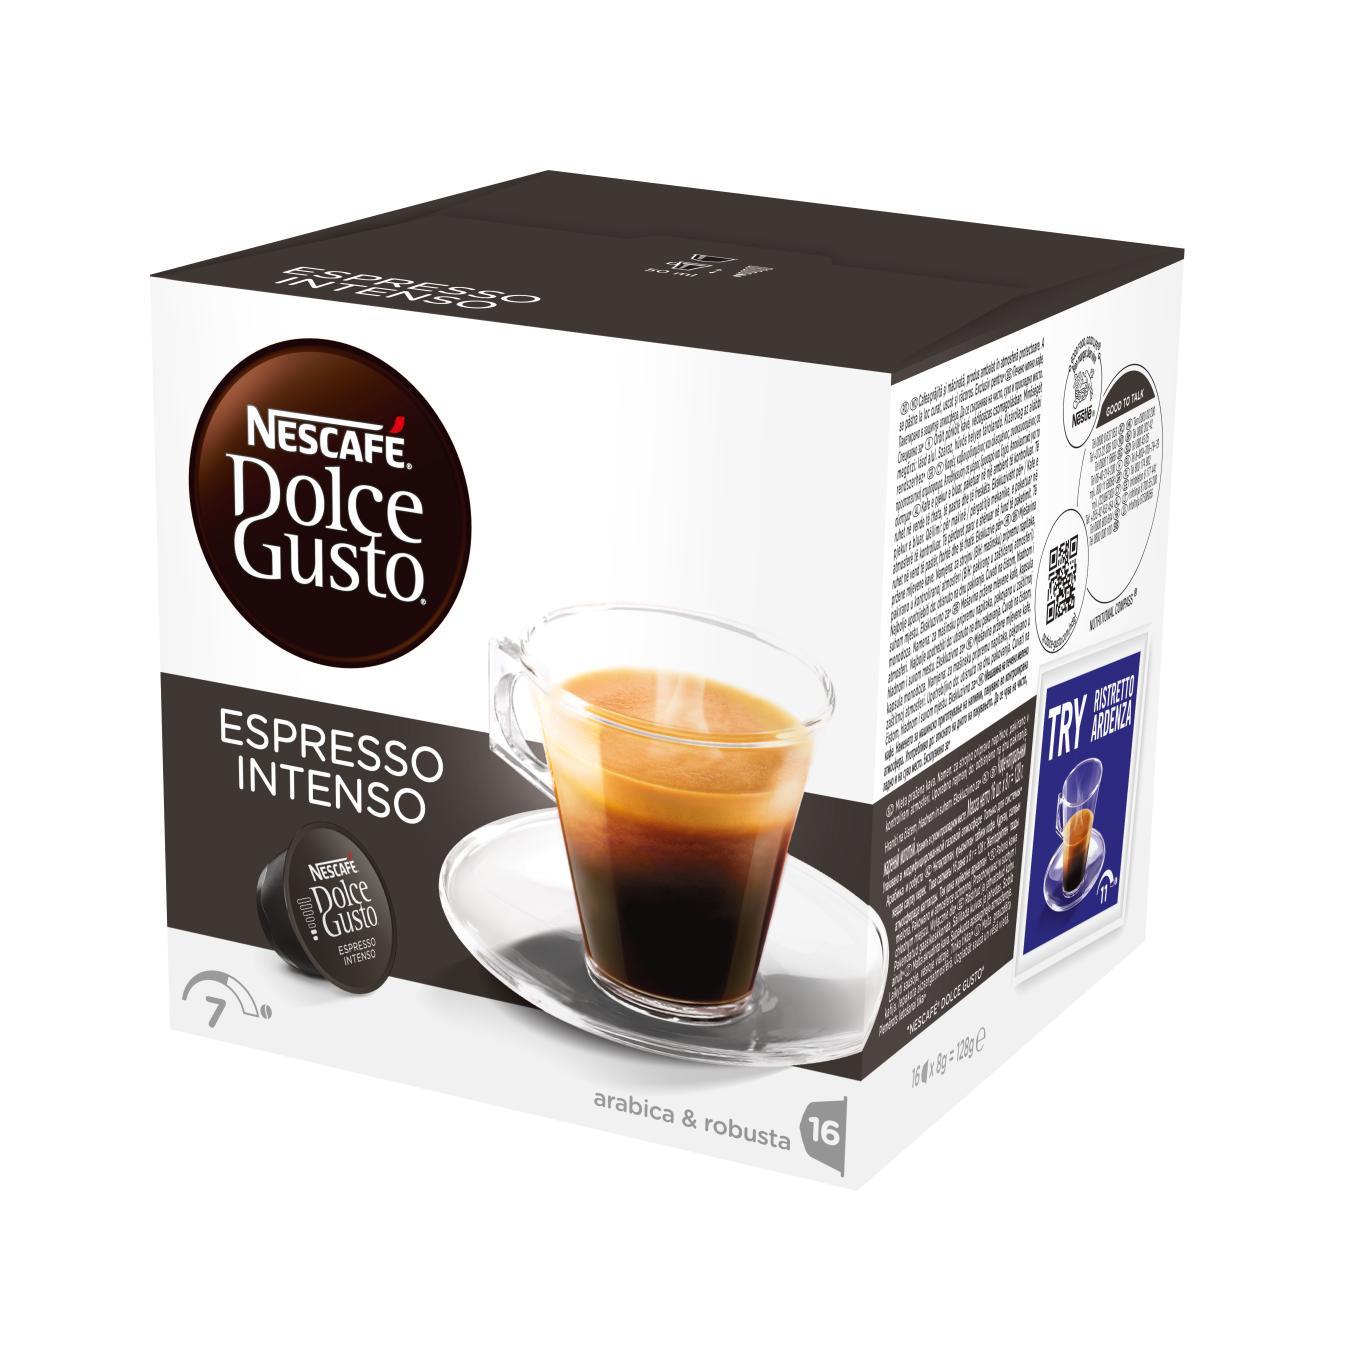 Кофе в капсулах dolce gusto – вкусы, определение, разновидности